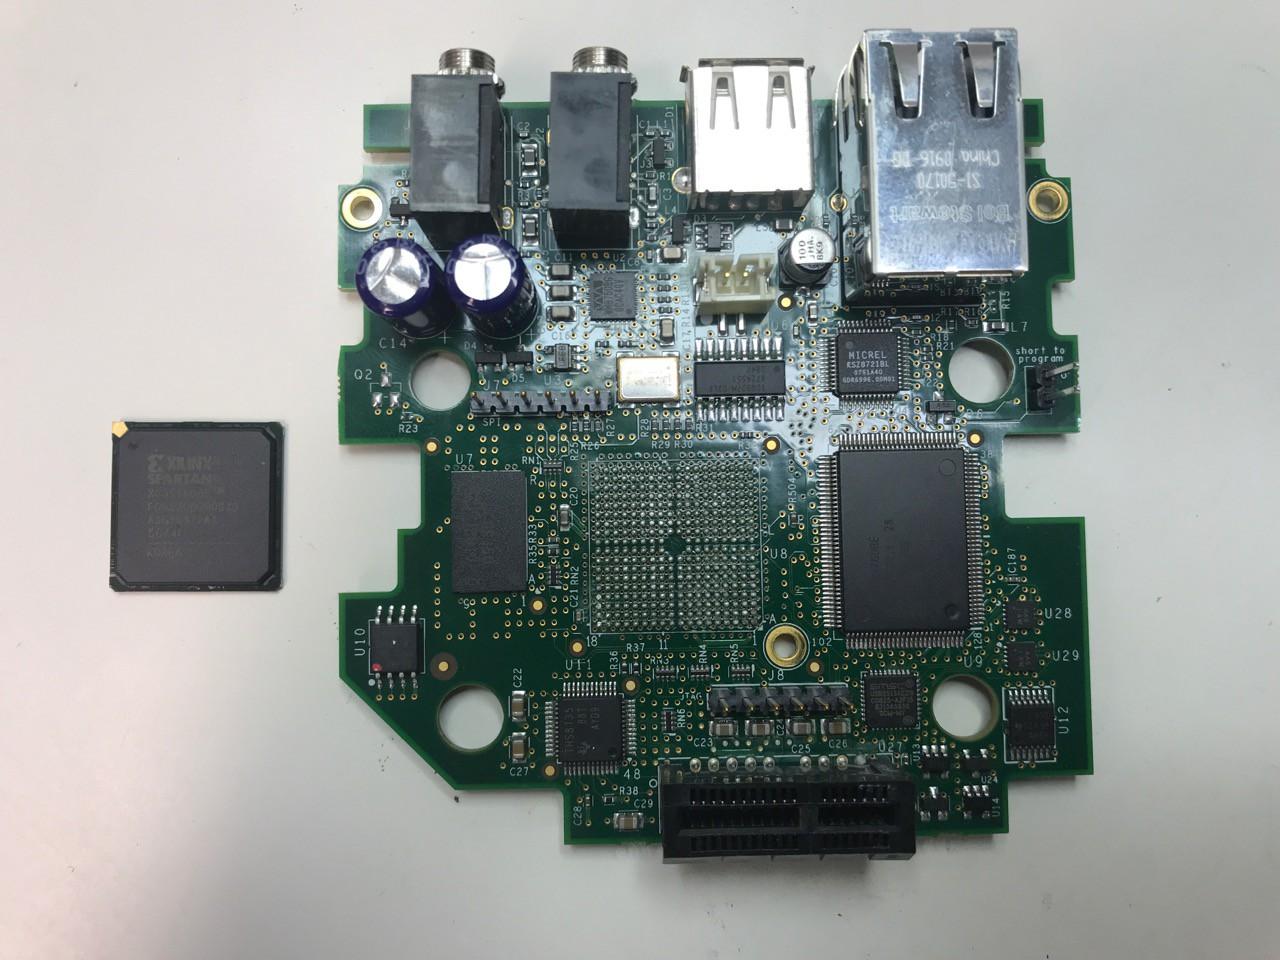 FPGA Desoldered